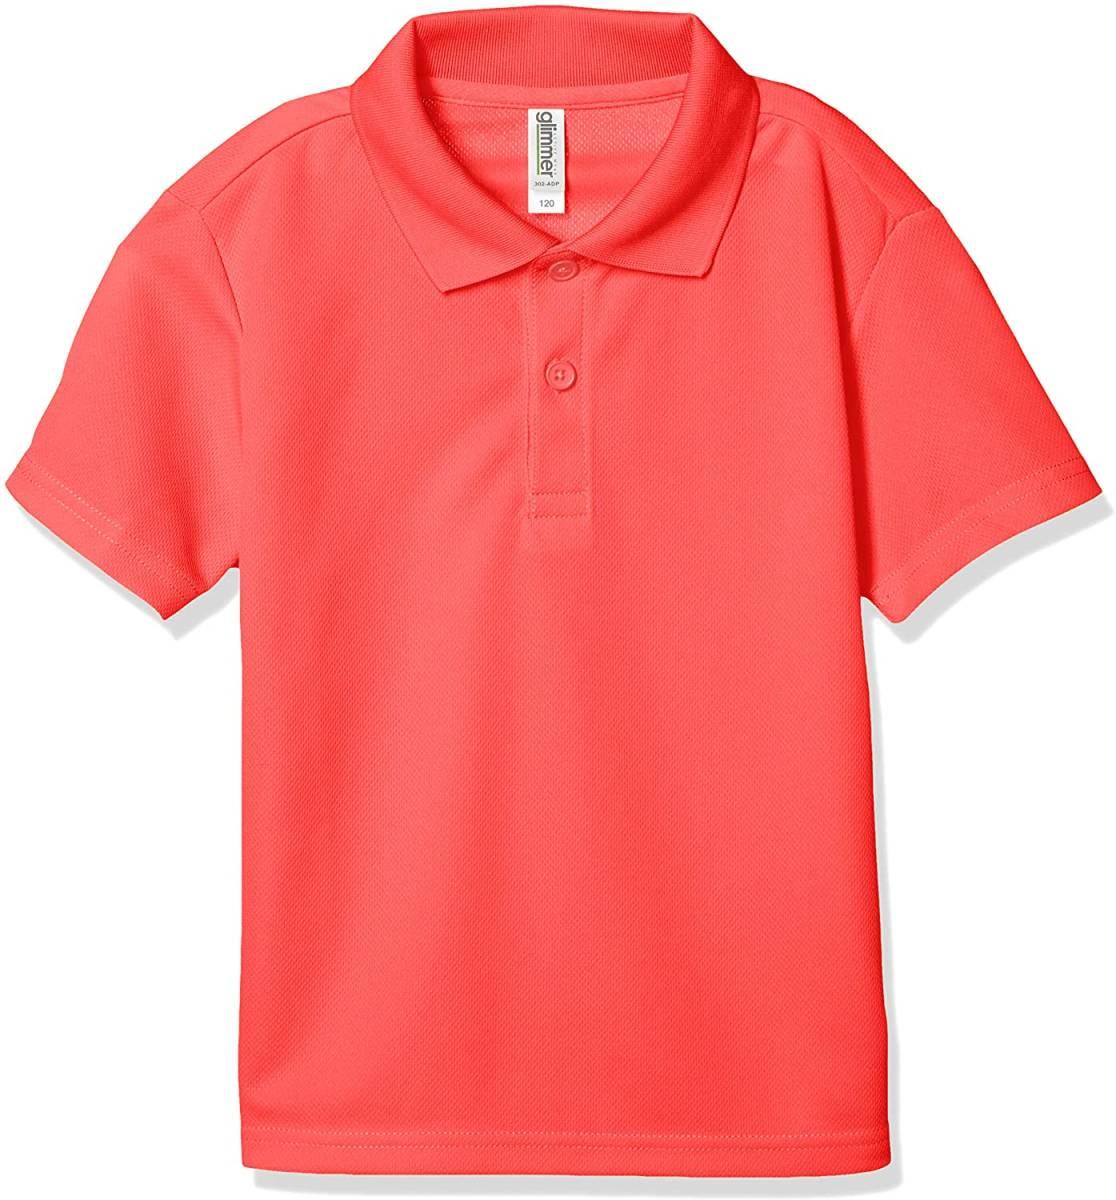 《未使用》[グリマー] 半袖 4.4オンス ドライ ポロシャツ [UV カット] 00302-ADP_K キッズ 蛍光オレンジ 130cm《アウトレット》TAQ33_画像1